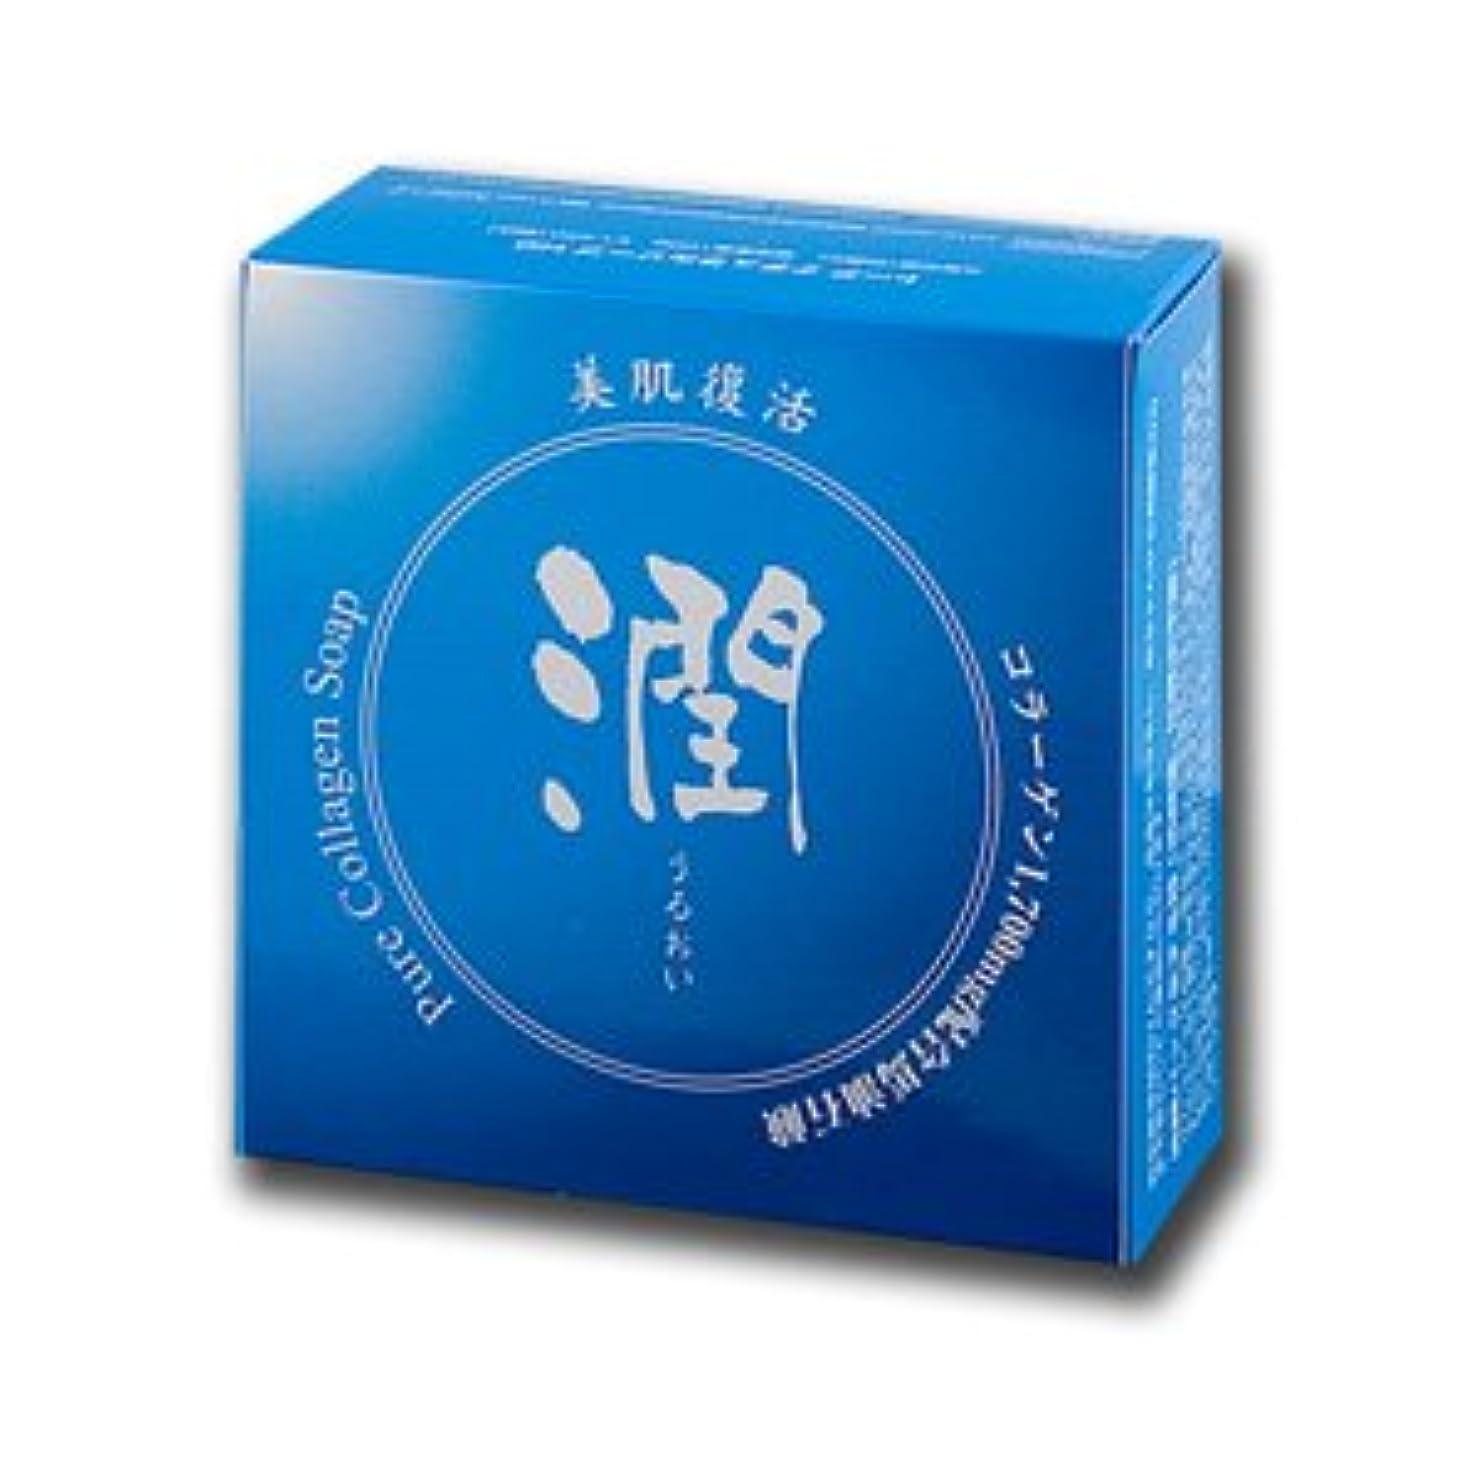 飛躍やさしく輝度コラーゲン馬油石鹸 潤 100g (#800410) ×3個セット